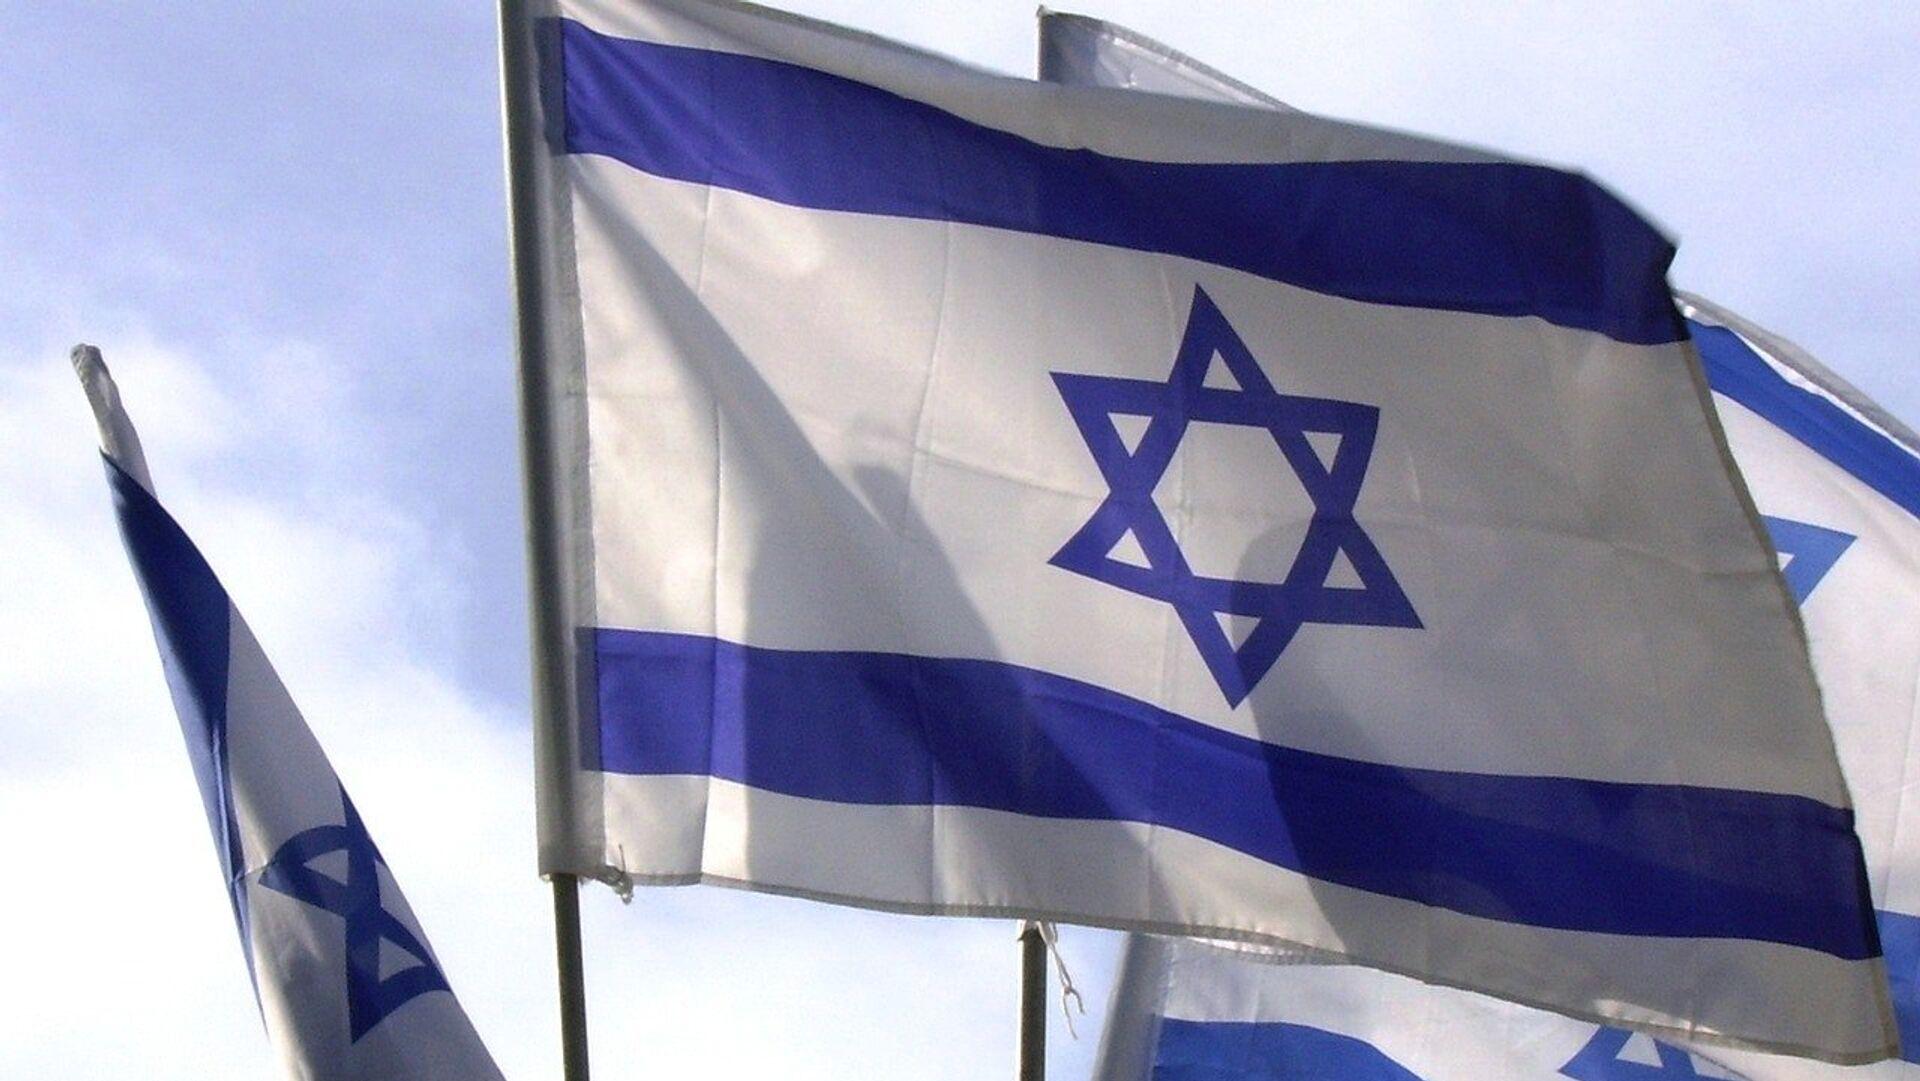 Bandiera Israele - Sputnik Italia, 1920, 11.04.2021